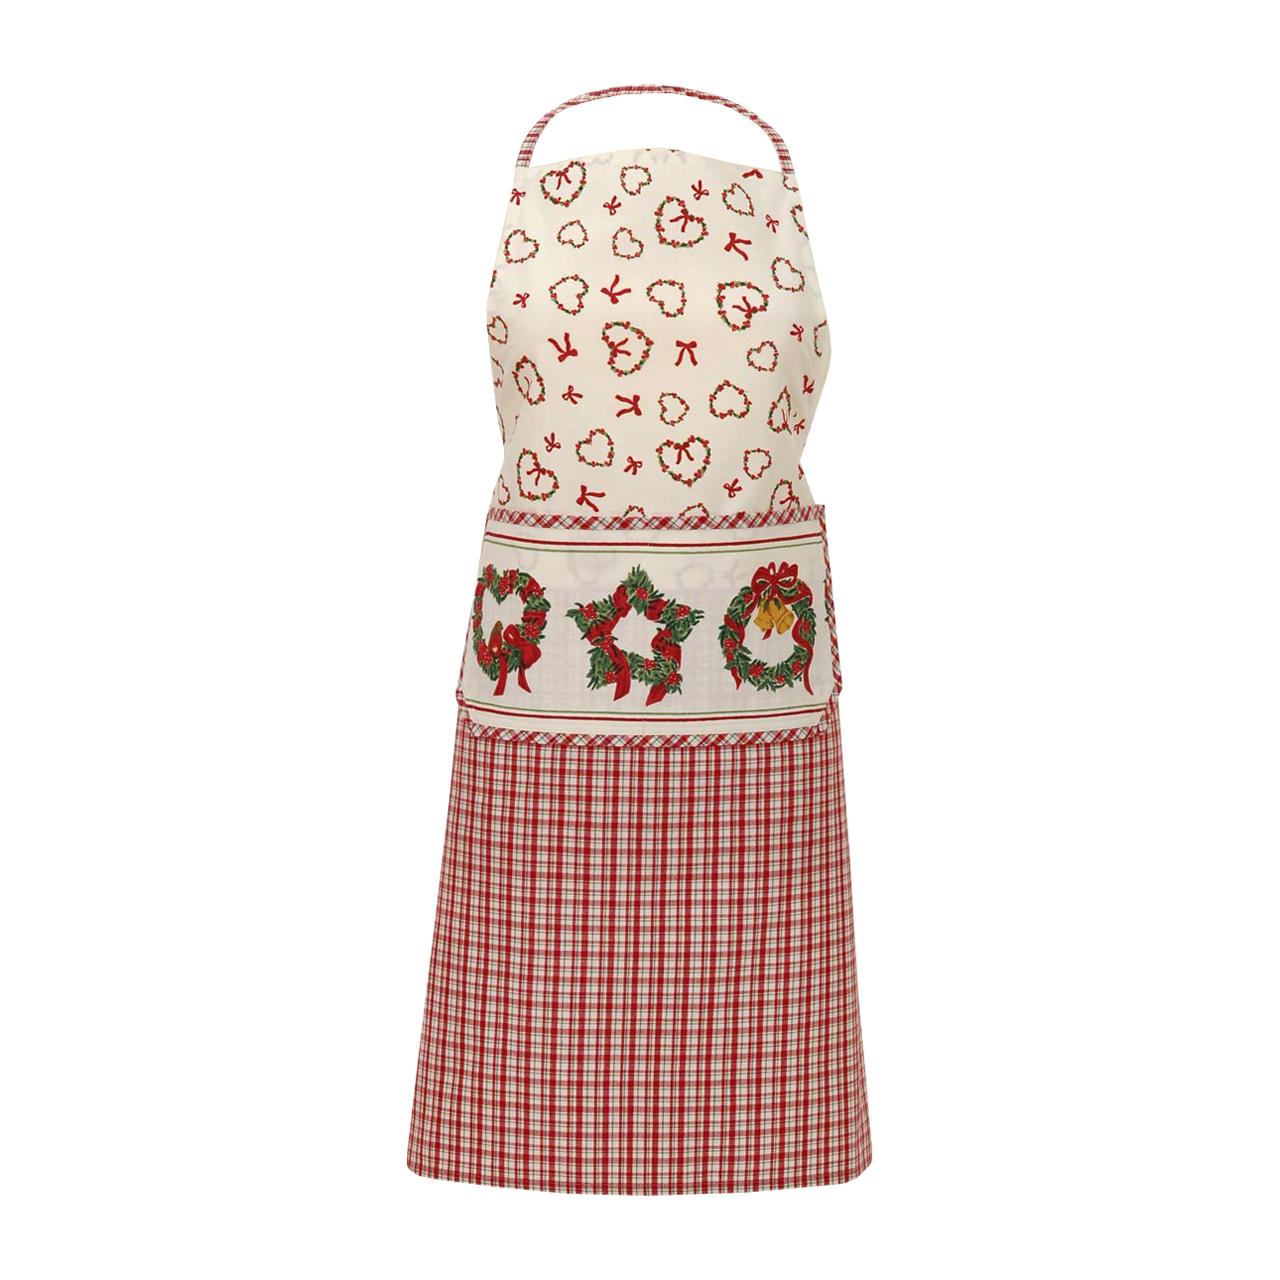 Sort De Bucatarie Din Textil Cu Coronite Si Inimi 85 Cm